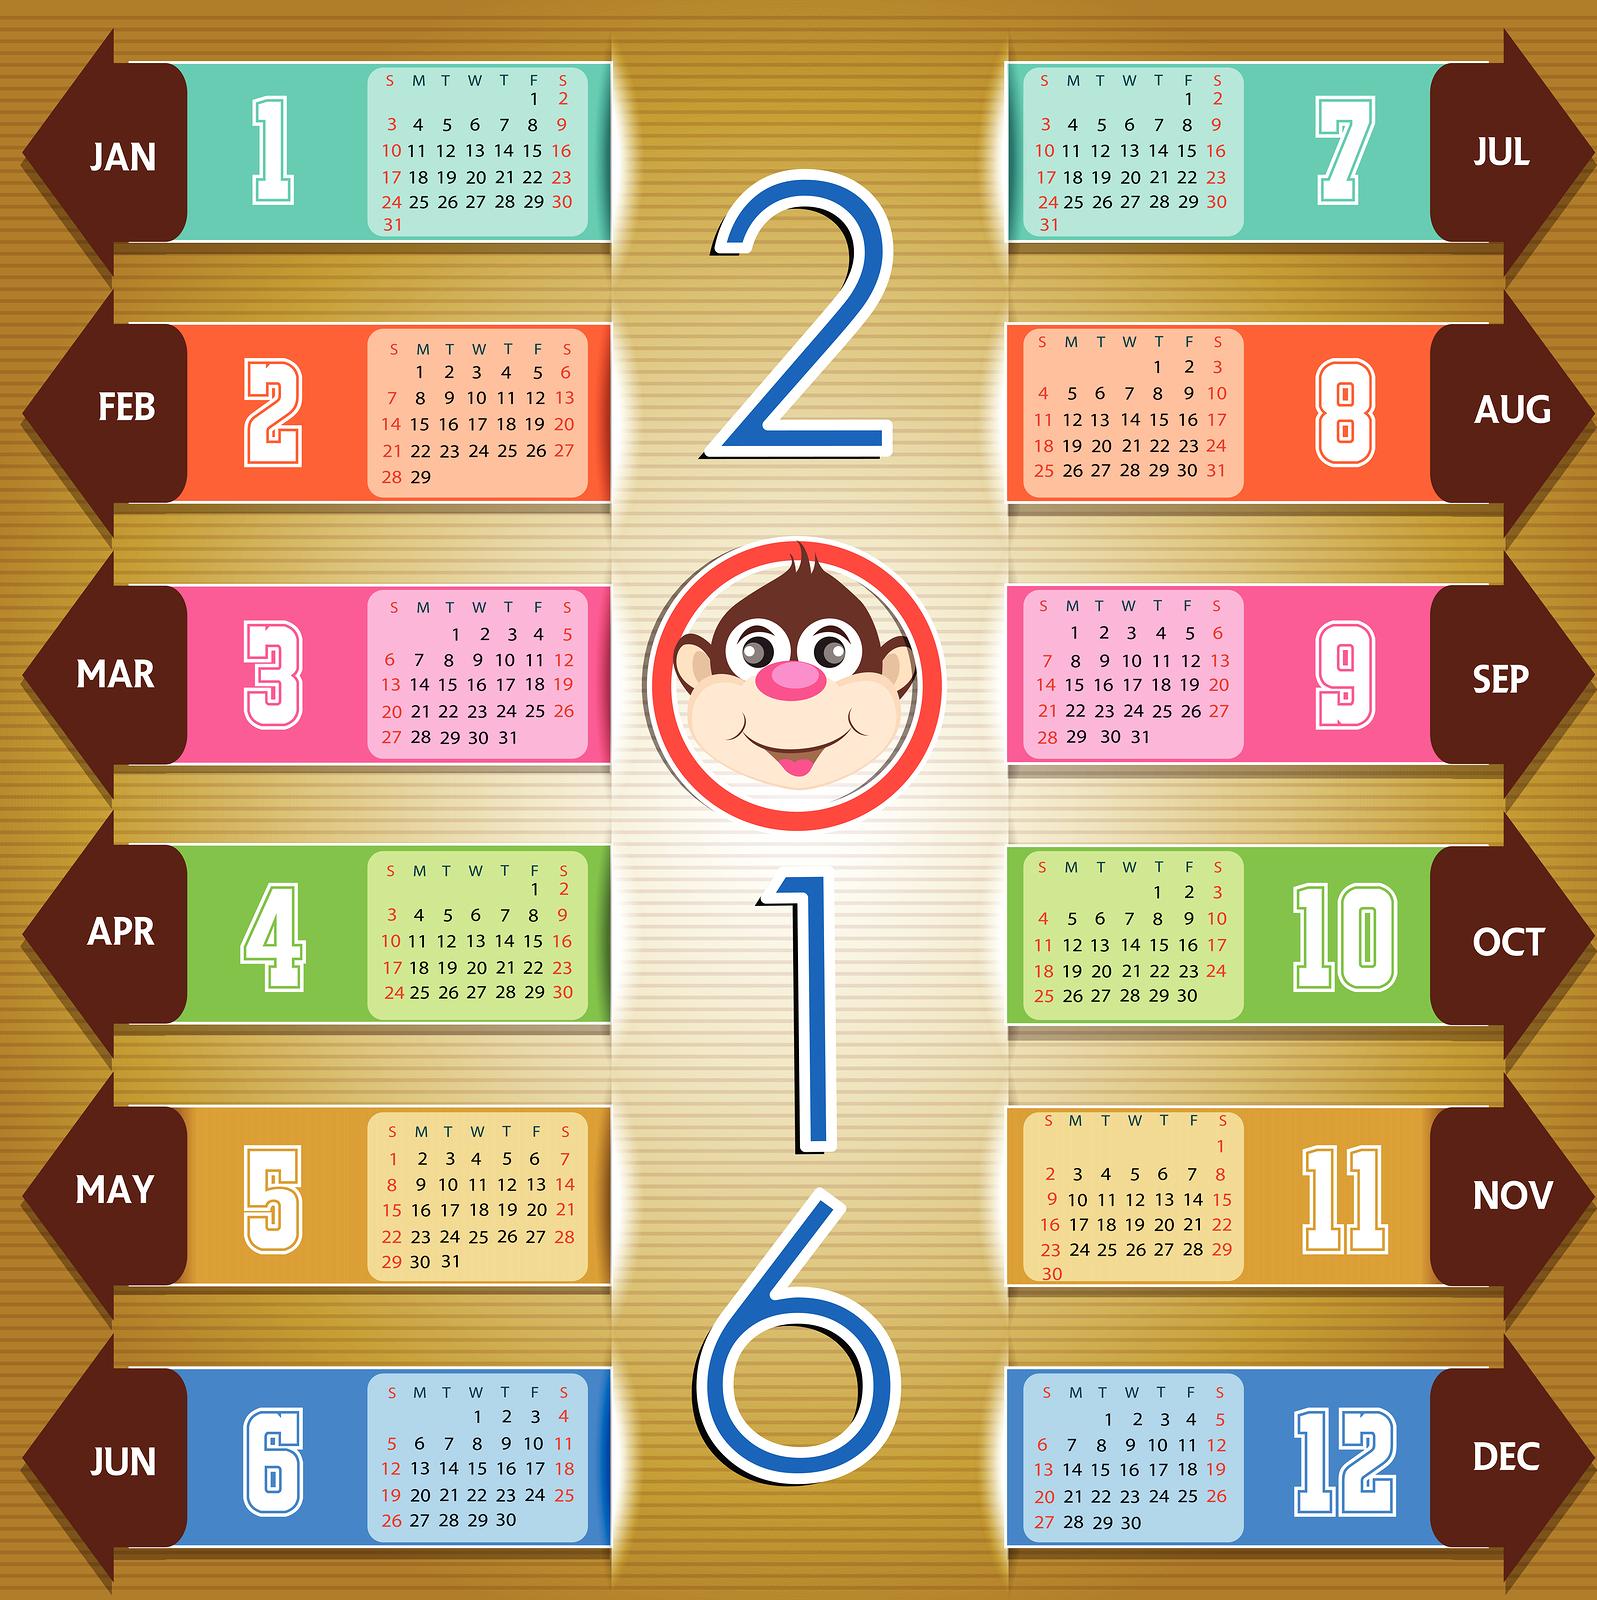 2016 Year Calendar Wallpaper Download 2016 Calendar by Month 1597x1600